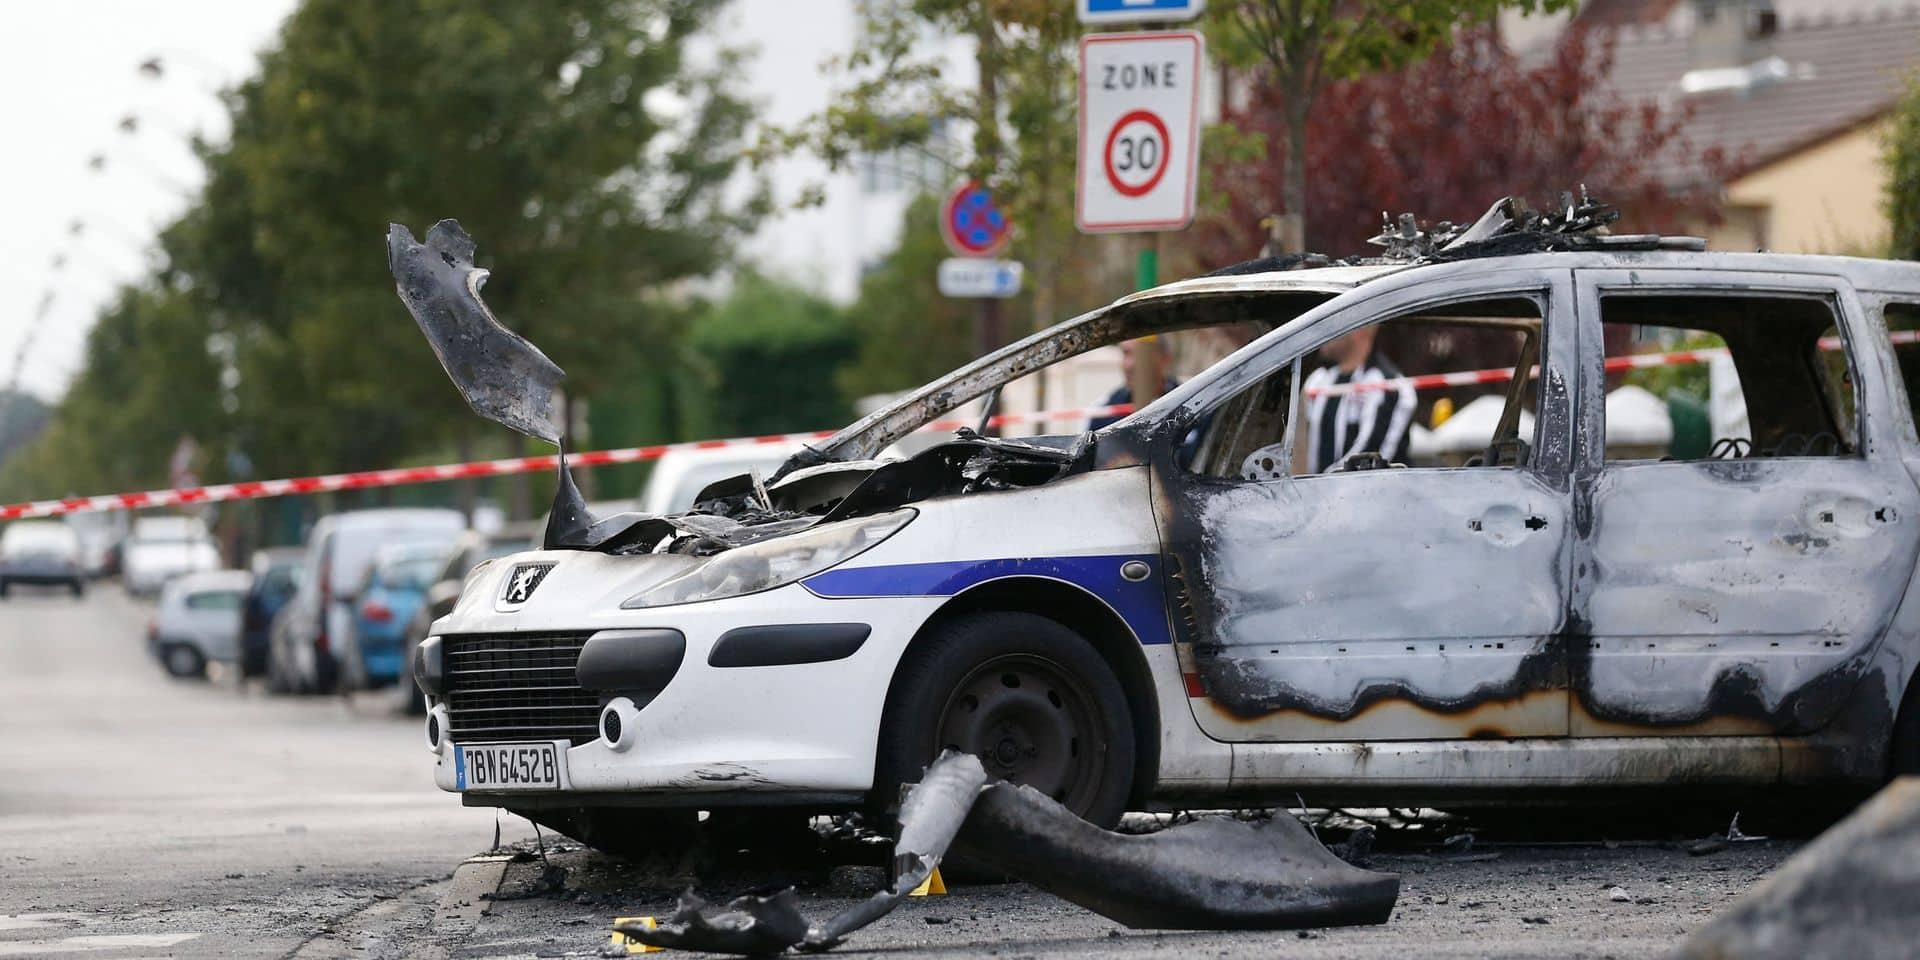 Les assaillants avaient tenté de brûler vifs les policiers dans deux autos stationnées.